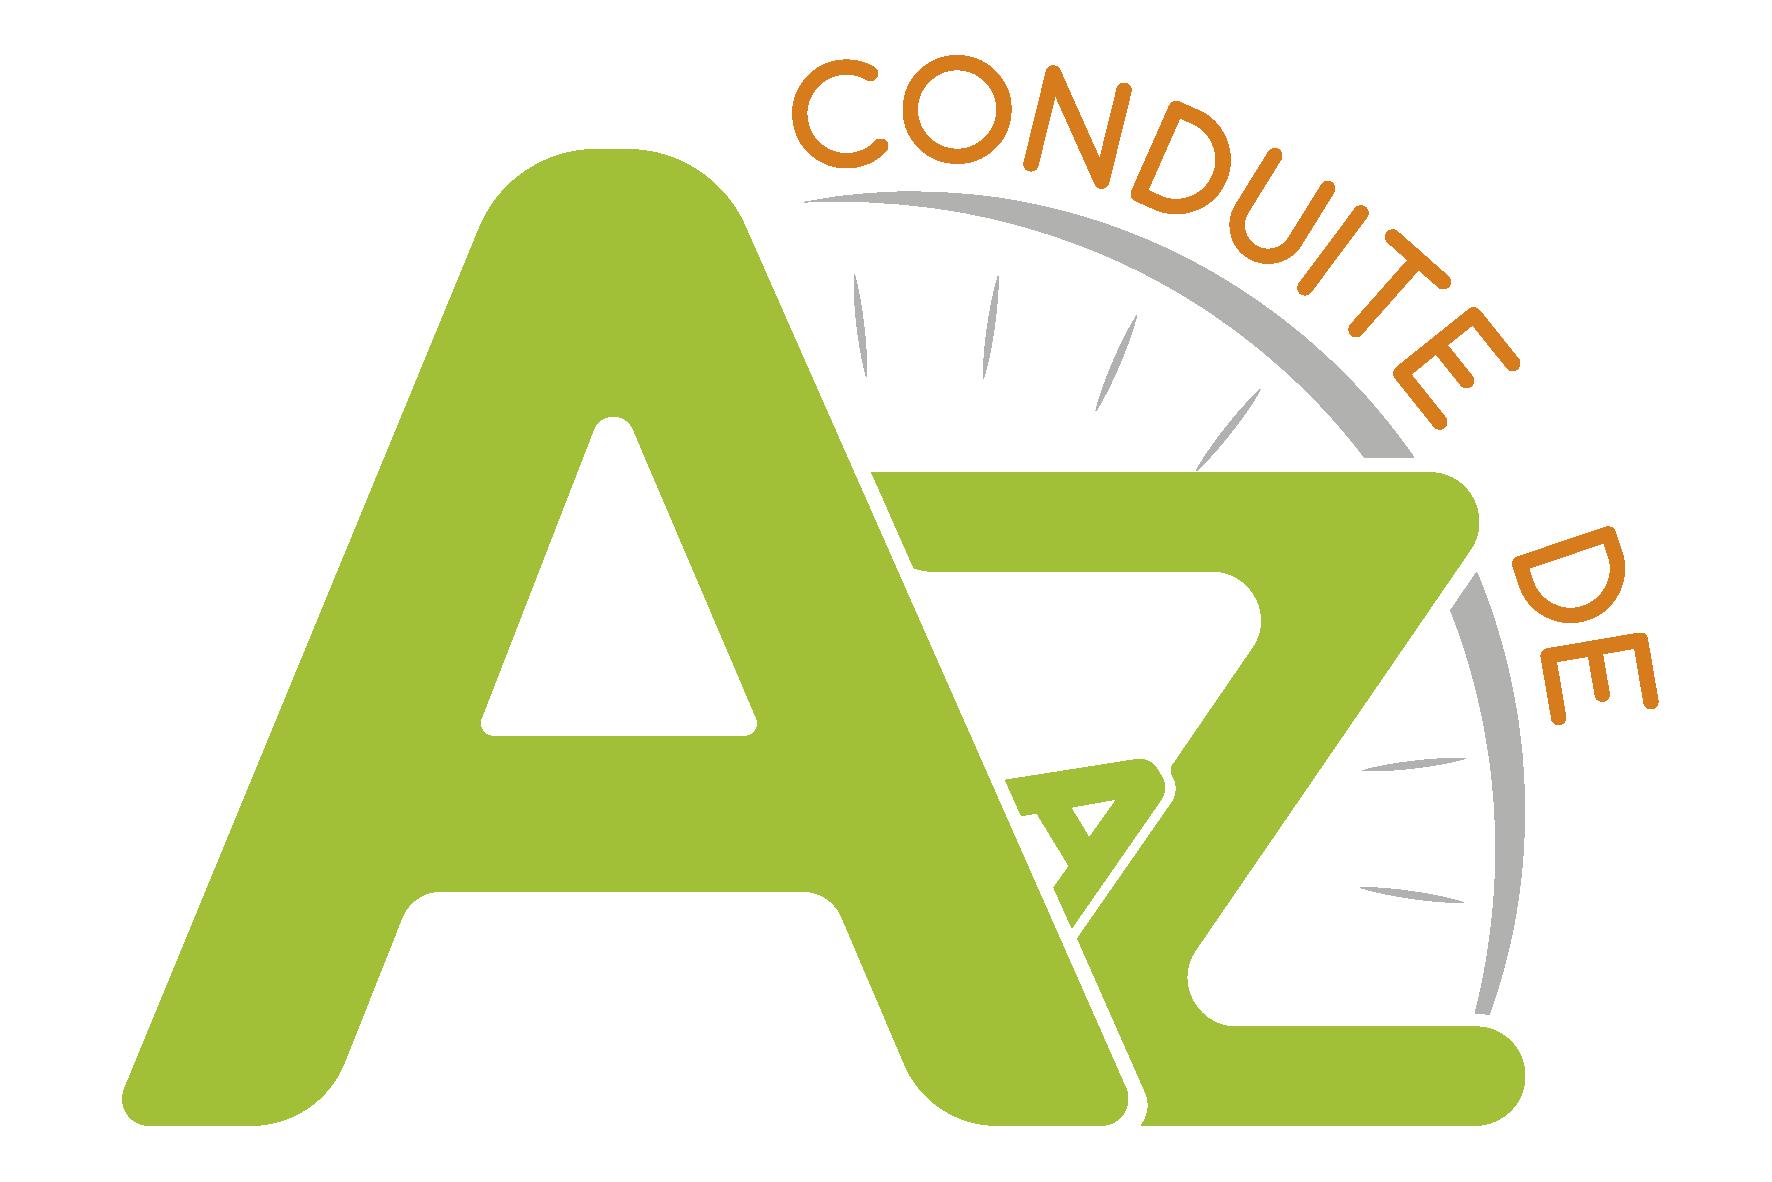 Conduite AZ | Pour vous conduire au permis